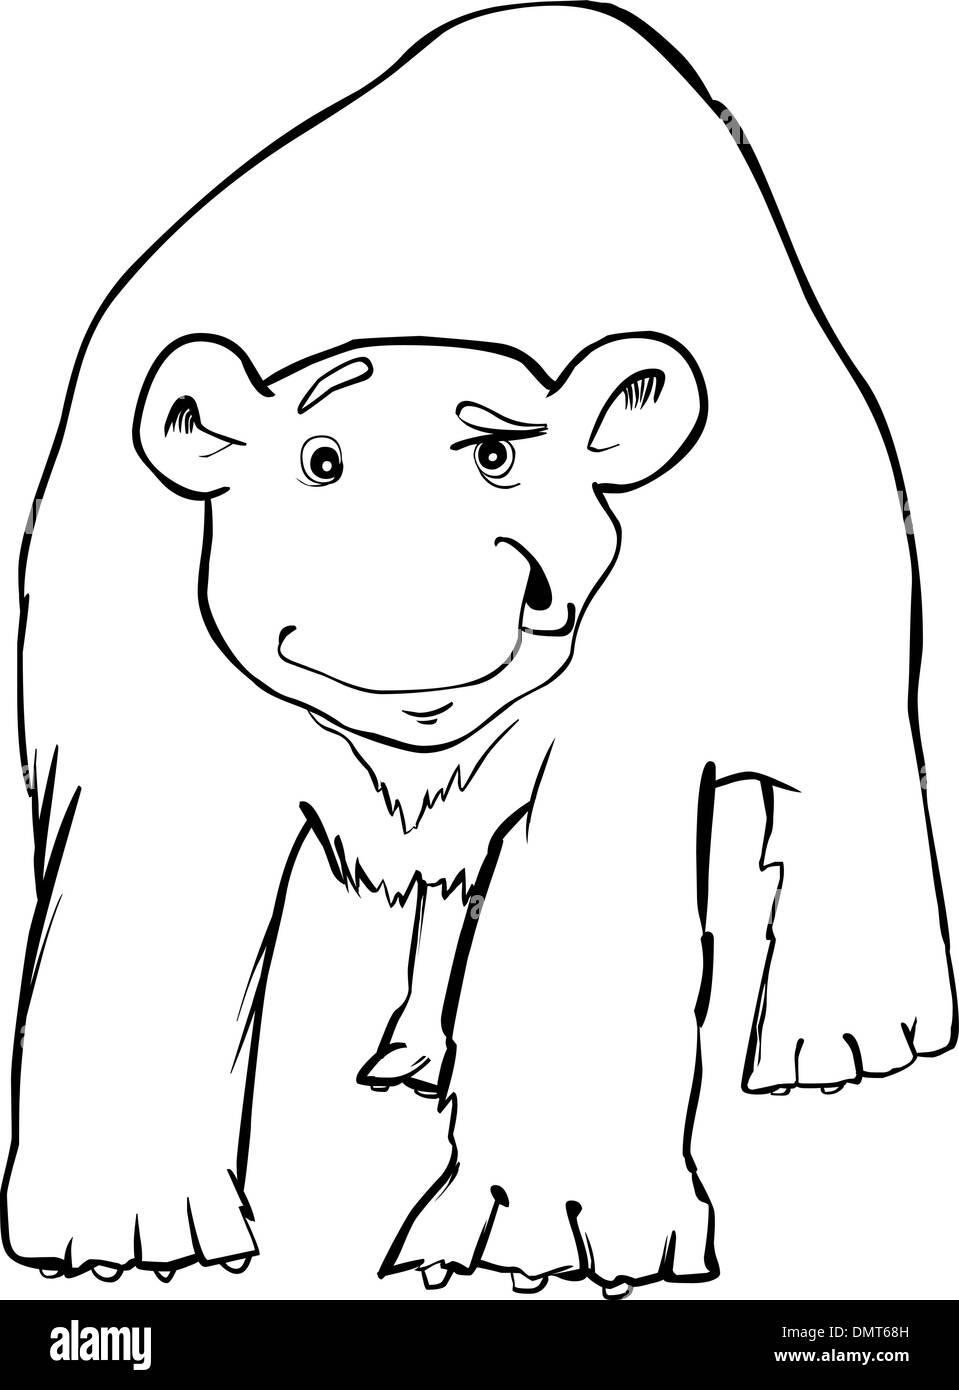 Erfreut Eisbär Malvorlagen Zeitgenössisch - Malvorlagen Von Tieren ...